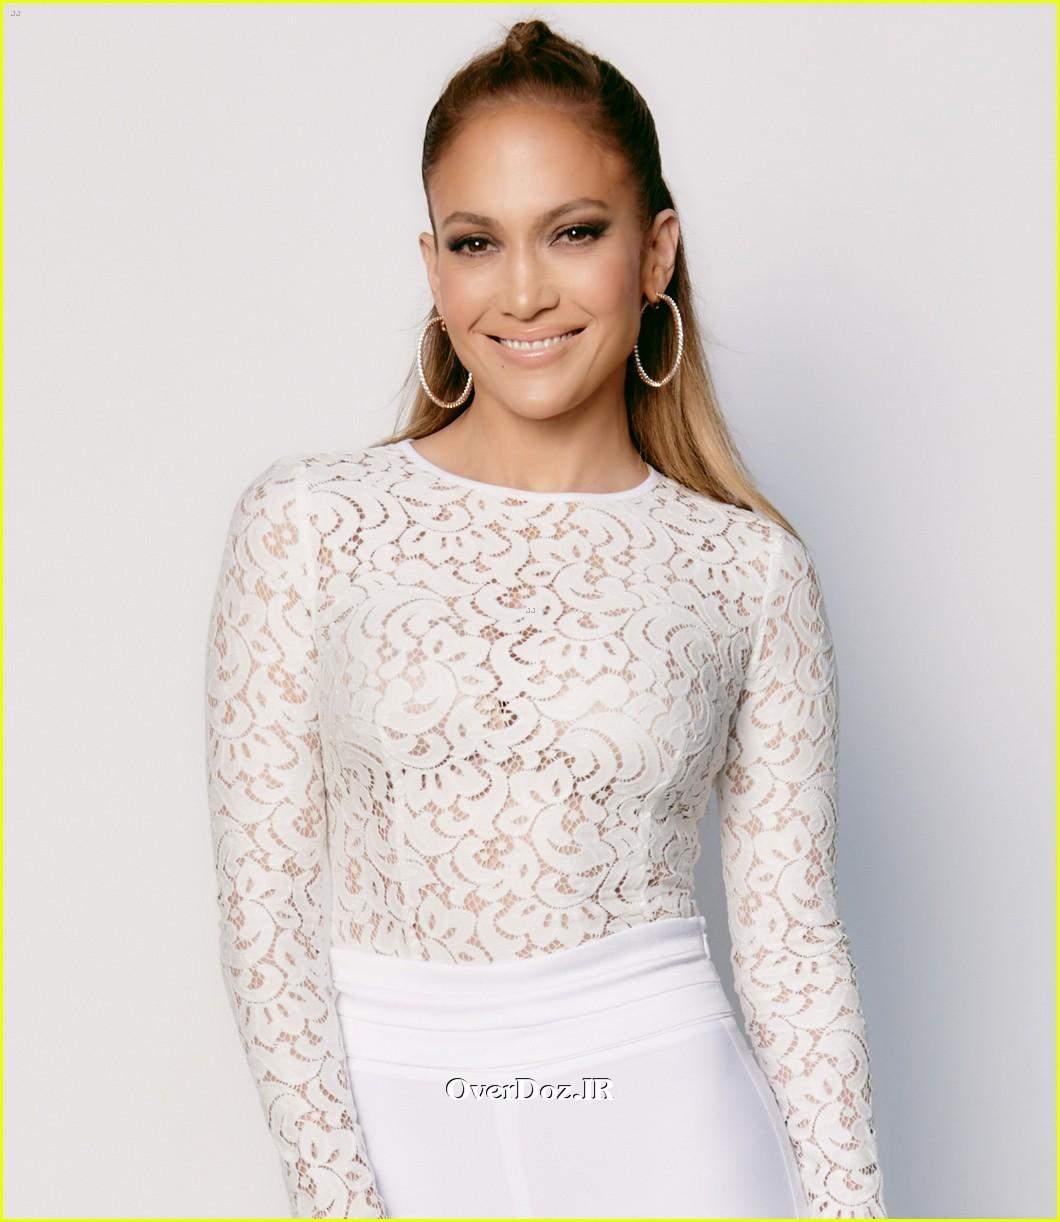 http://dl.overdoz.ir/Uploads/93/12/Jennifer-Lopez-New_www-OverDoz-IR%20(2).jpg